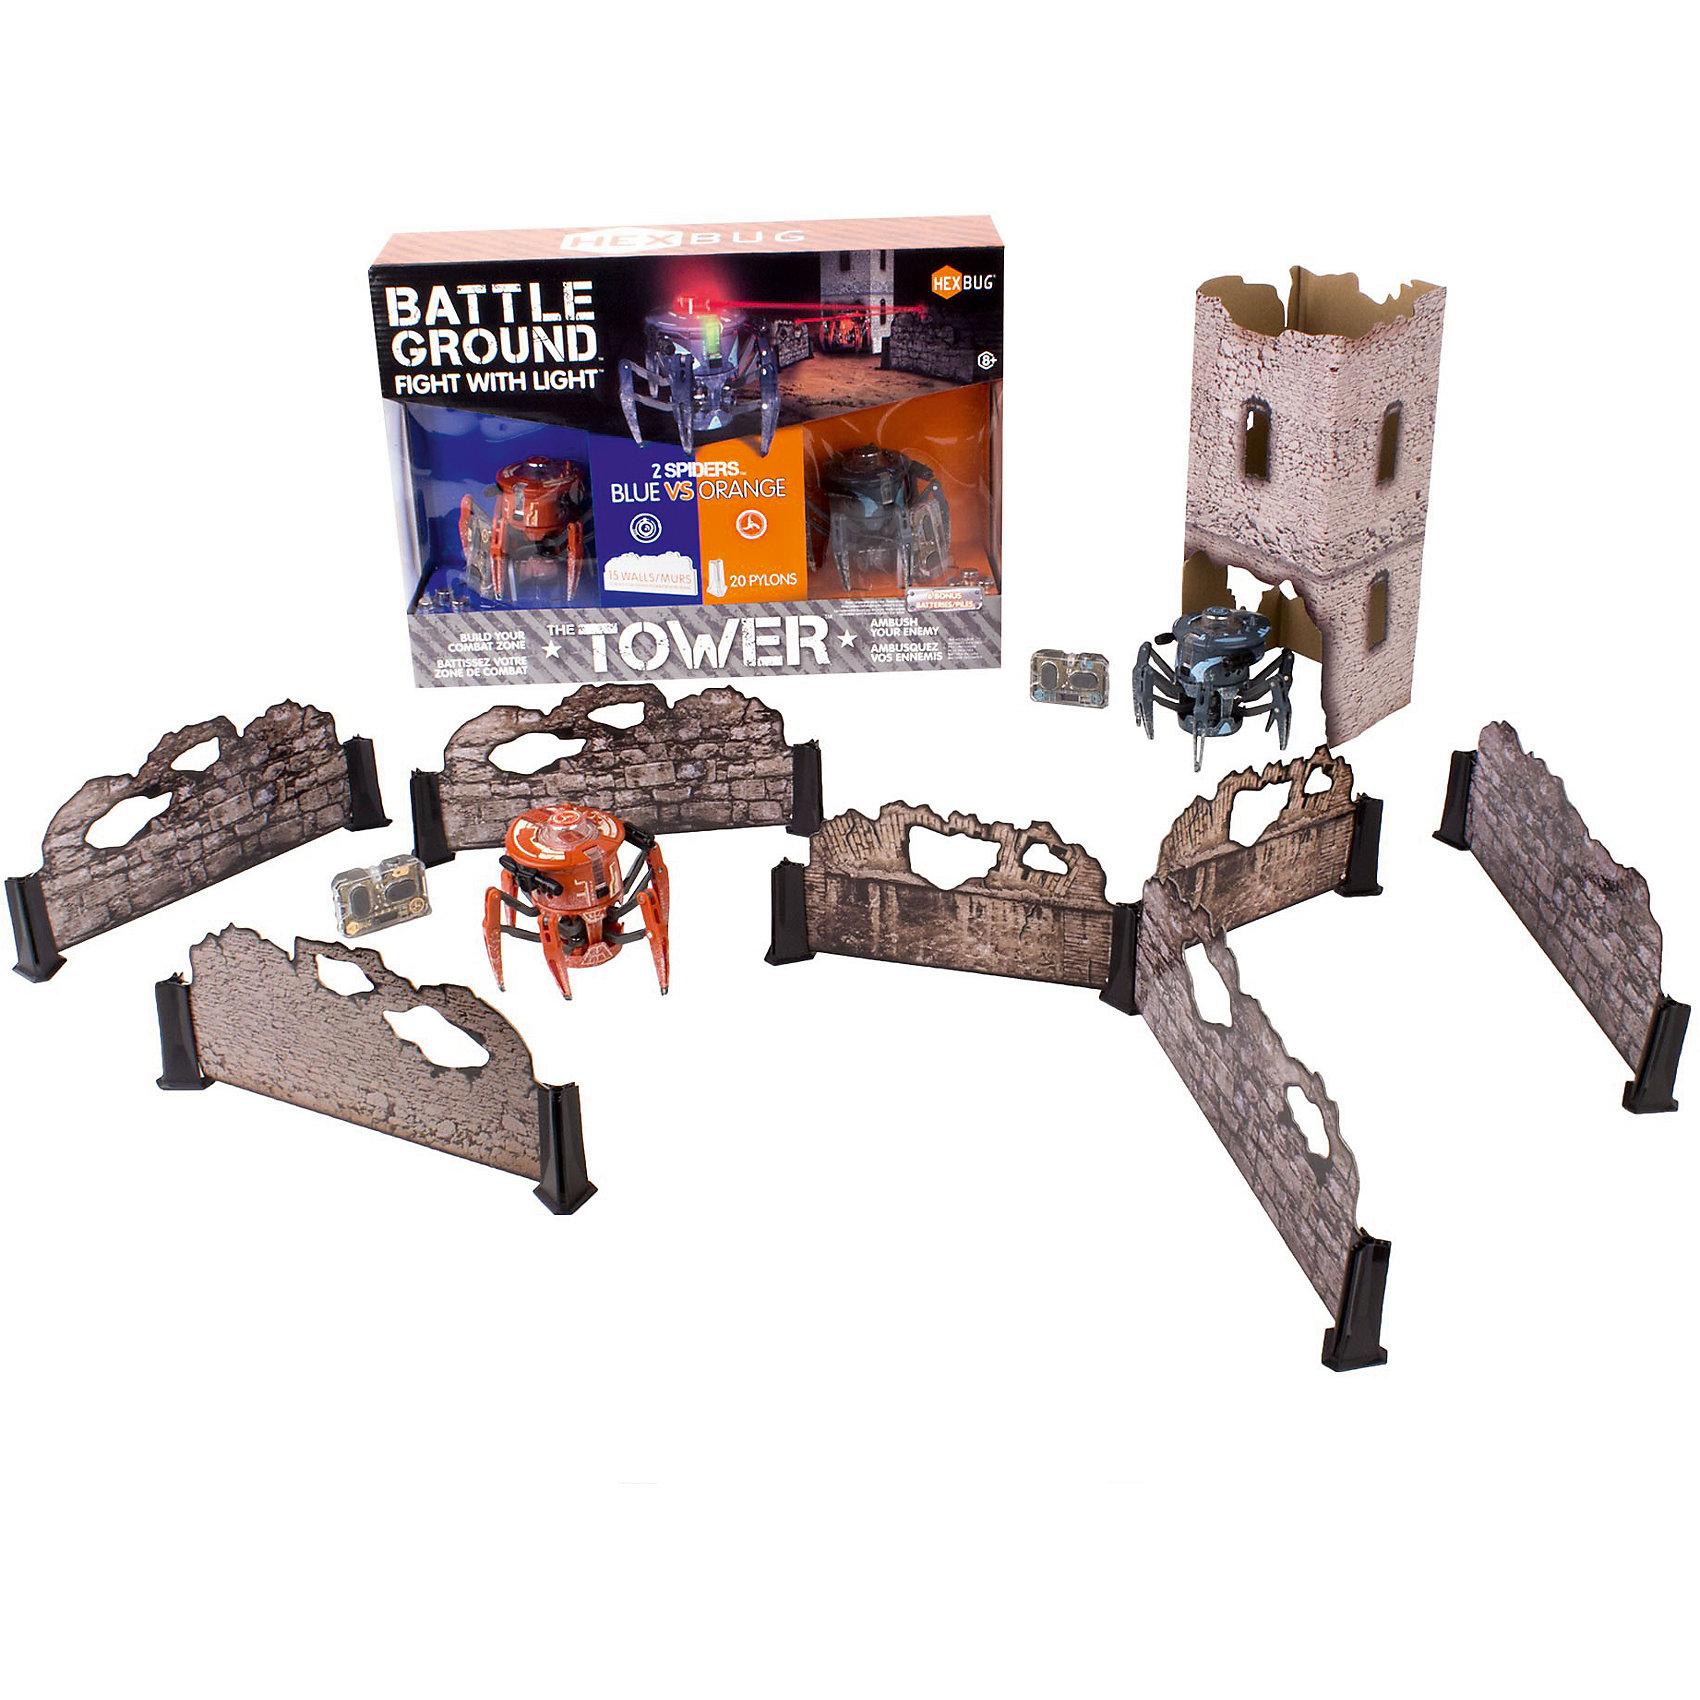 Набор из двух боевых спайдеров Tower Set, HexbugИнтерактивные животные<br>Набор из двух боевых спайдеров Tower Set, Hexbug (Хексбаг)<br><br>Характеристики:<br><br>• передвигается в любых направлениях<br>• лазерный луч<br>• автоматическое отключение<br>• двухканальное управление<br>• радиус действия: 5 метров<br>• для работы необходимы батарейки AG13 - 5 шт.<br>• размер: 7,7х9,1 см<br><br>Боевые Спайдеры от Hexbug позволят вам устроить увлекательные сражения. Робот передвигается в разных направлениях и стреляет по указанному направлению. Этот Спайдер даст отпор любому противнику! В набор входят 2 робота и детали для постройки стен и башни. Роботы будут передвигаться по полю, стараясь укрыться от атак противника. После десяти попаданий робот автоматически отключается. Чтобы игрушка снова начала работать, нужно отключить и заново включить ее. Устройте настоящее сражение роботов у себя дома!<br><br>Набор из двух боевых спайдеров Tower Set, Hexbug (Хексбаг) можно купить в нашем интернет-магазине.<br><br>Ширина мм: 280<br>Глубина мм: 110<br>Высота мм: 390<br>Вес г: 900<br>Возраст от месяцев: 36<br>Возраст до месяцев: 2147483647<br>Пол: Унисекс<br>Возраст: Детский<br>SKU: 5507195